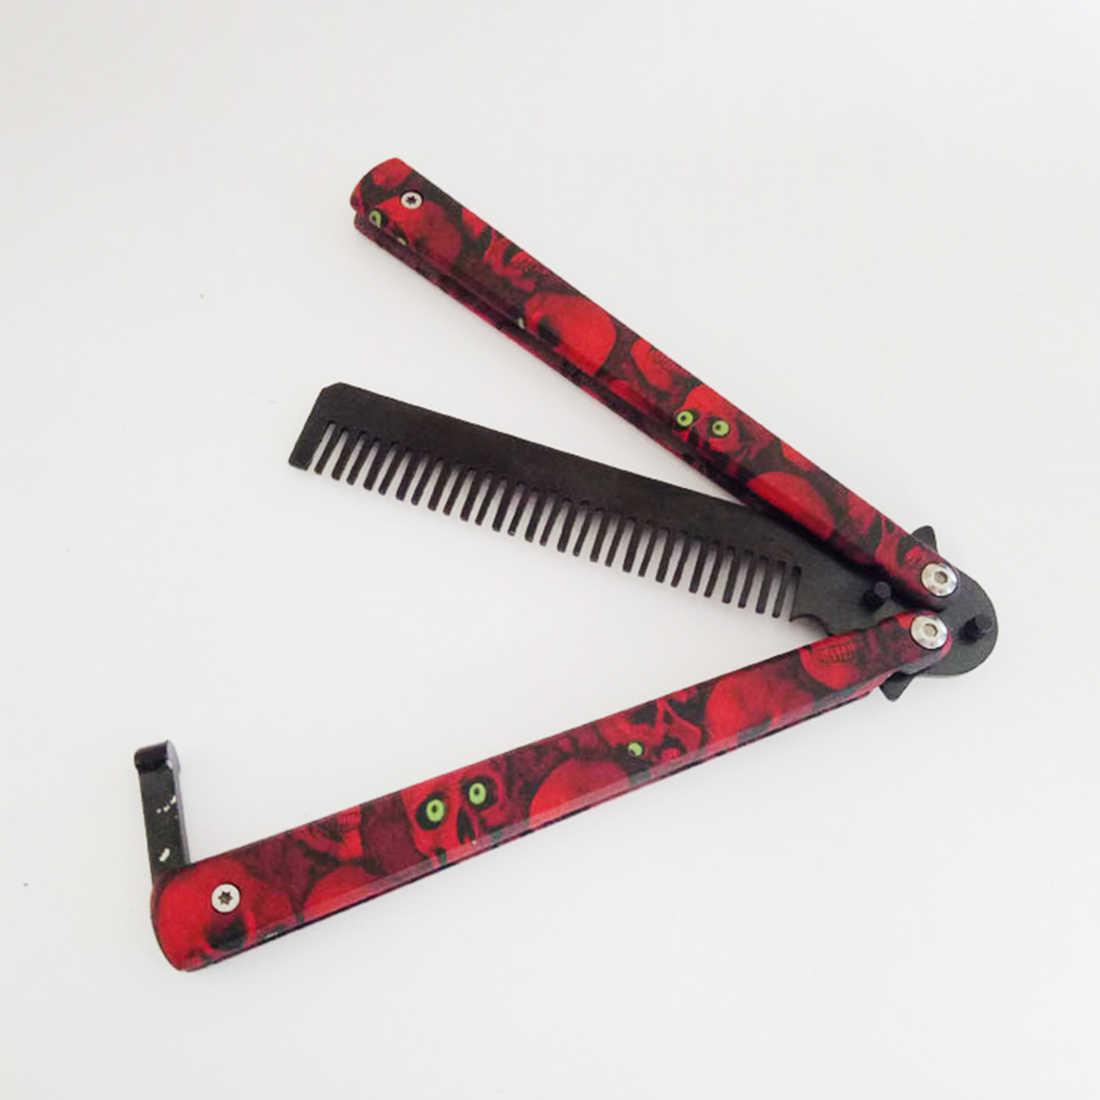 Нож для самозащиты, инструмент, нож-бабочка, тренировочный складной нож для тренировки головы-призрака, без острых лезвий, Бабочка, серп